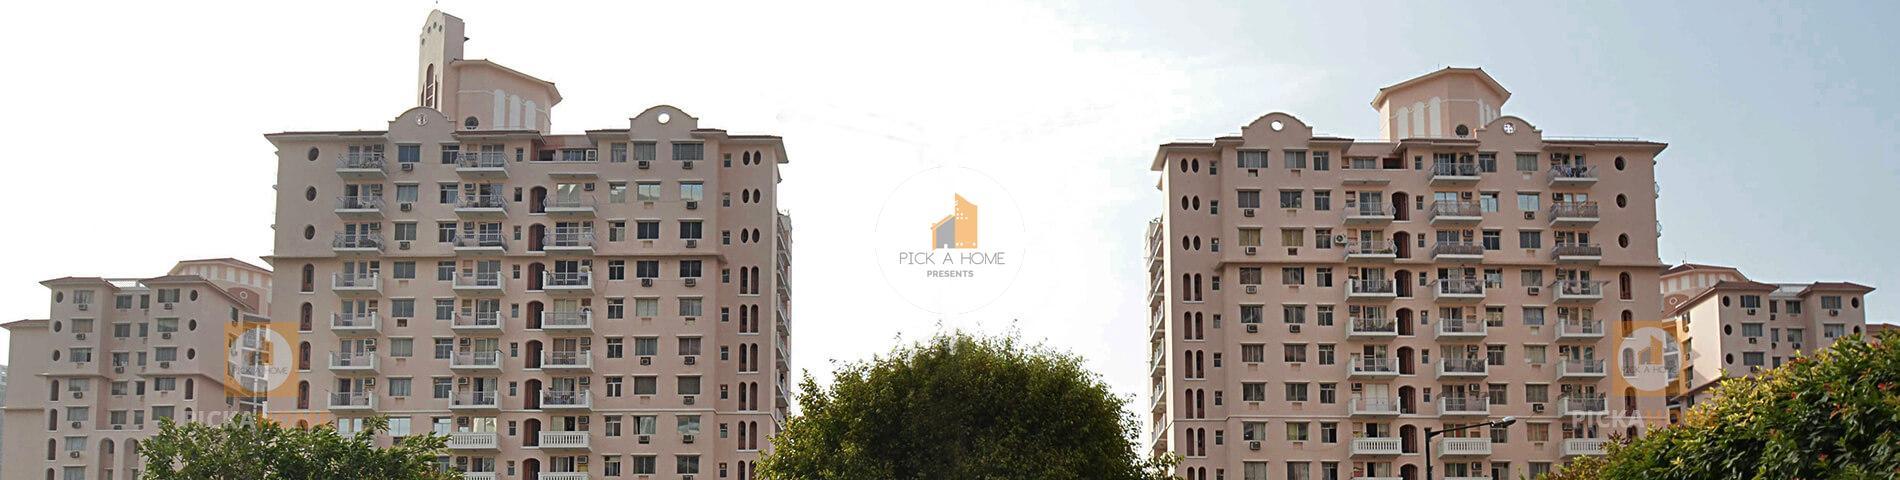 DLF Limited DLF PRINCETON ESTATE | pickahome.com